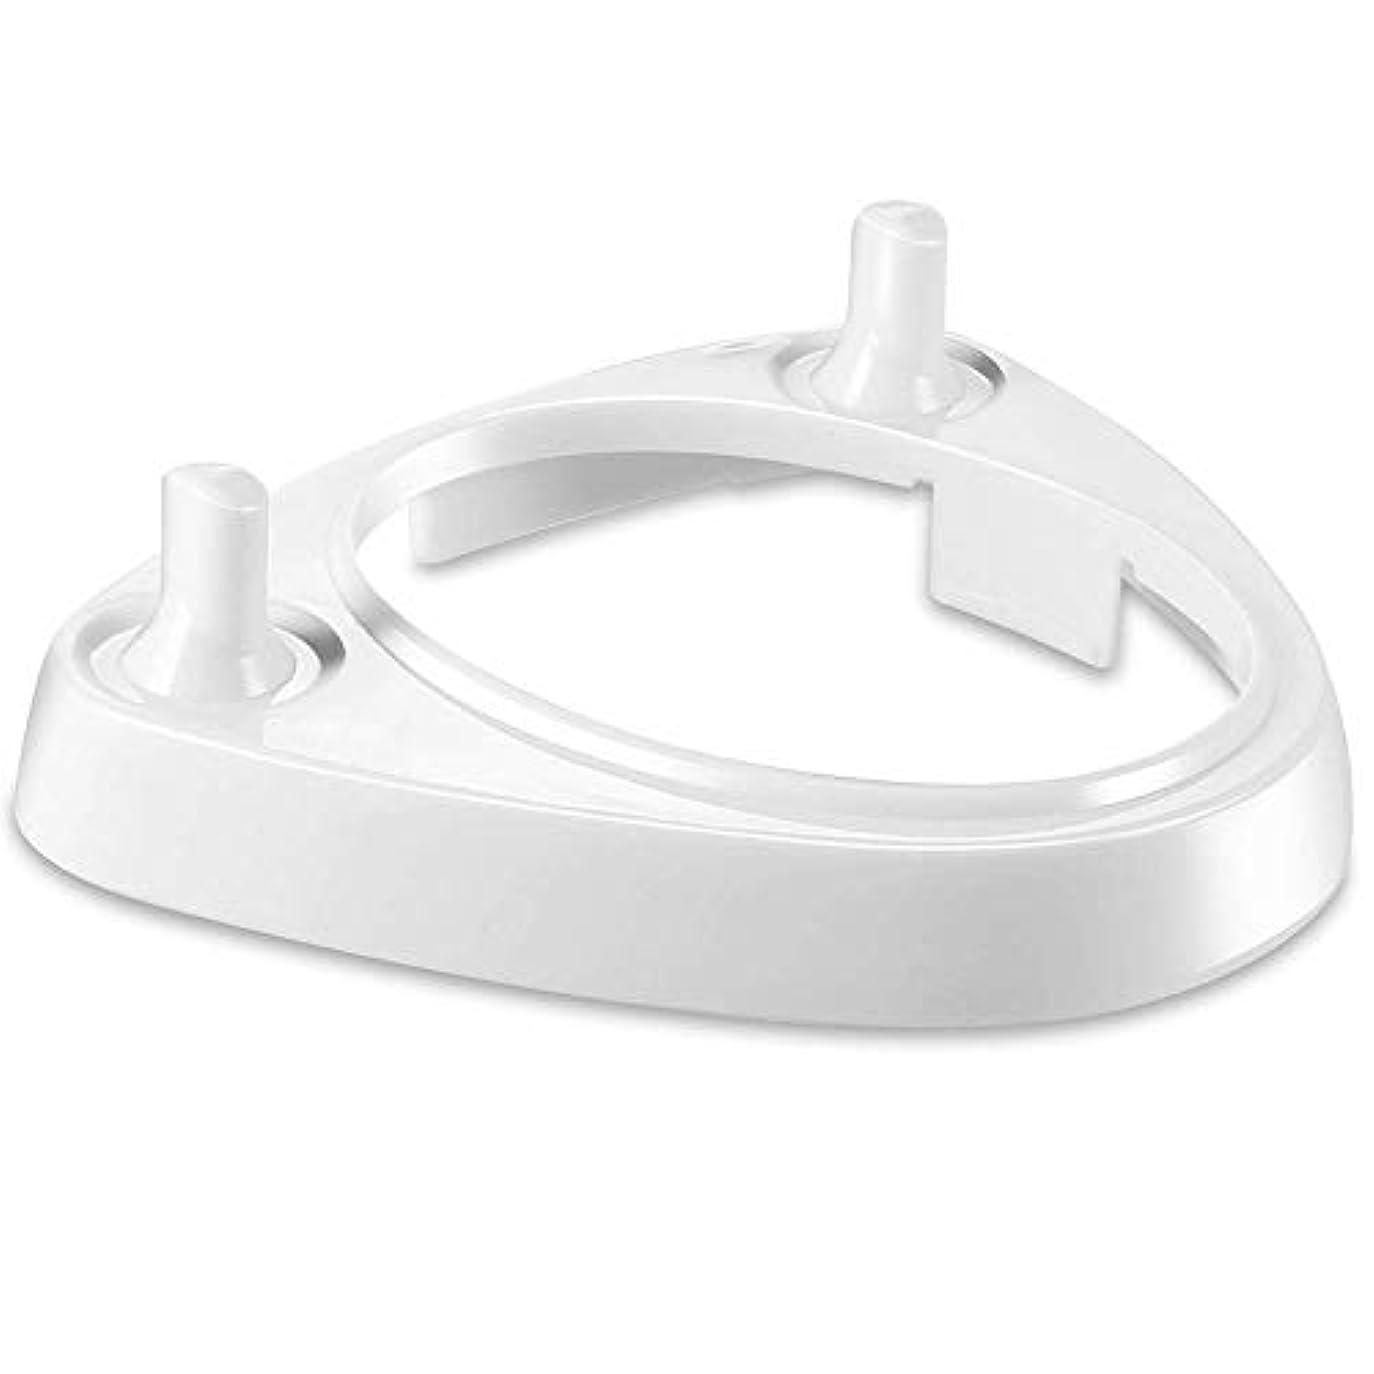 講義複雑フラフープOrient Direct 歯ブラシのヘッドホルダーの三角形の形屋内のための歯ブラシのヘッド充電器のホールダー